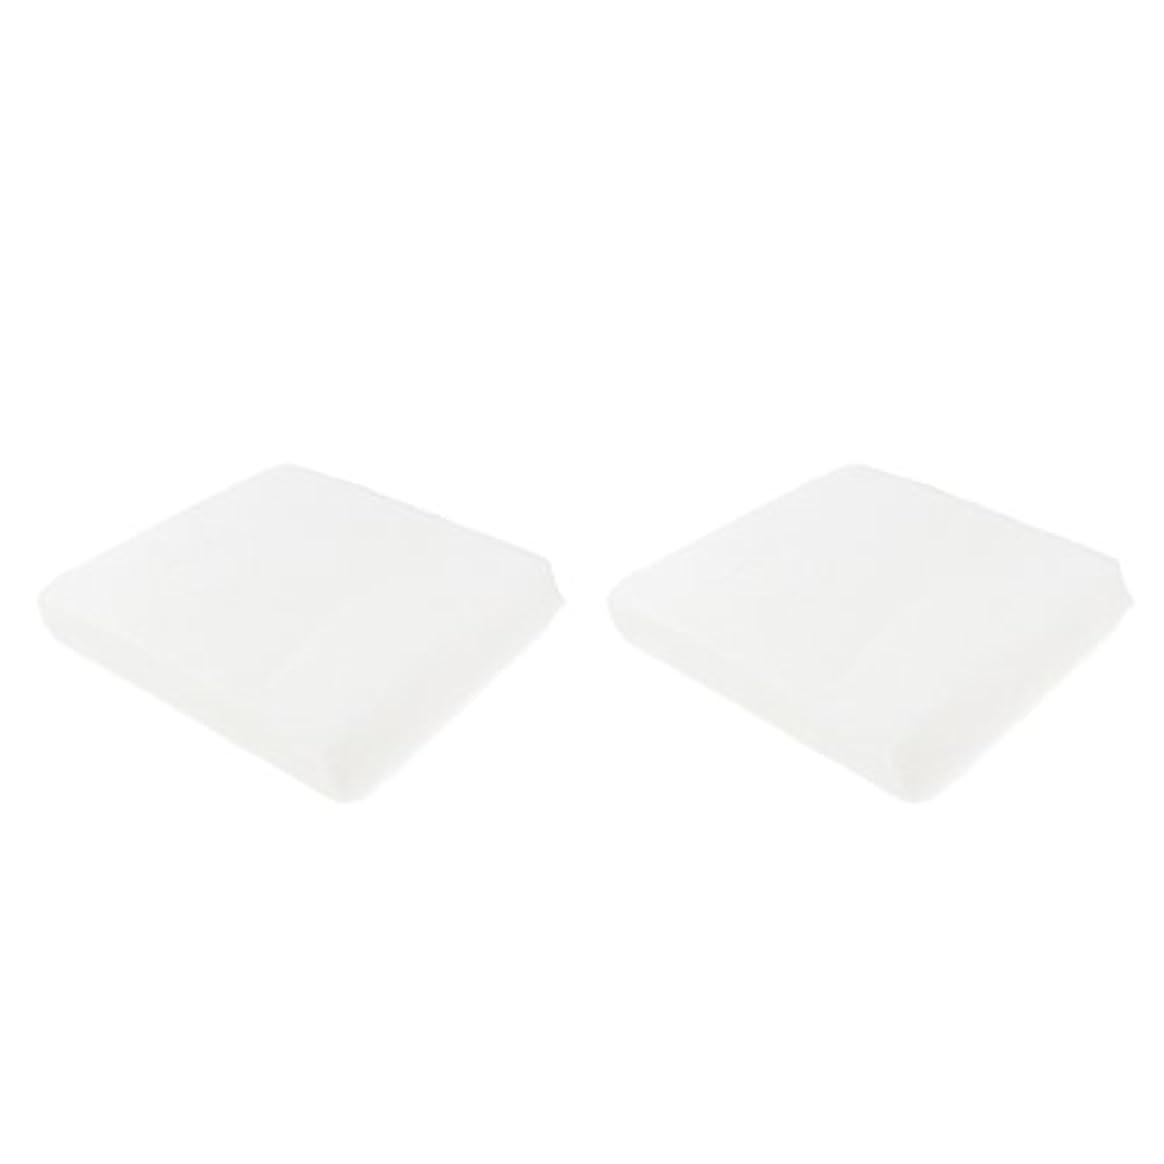 いちゃつく意欲胃クレンジングシート メイク落とし 使い捨て 洗顔シート 不織布 顔クレンジング 2サイズ - 1#